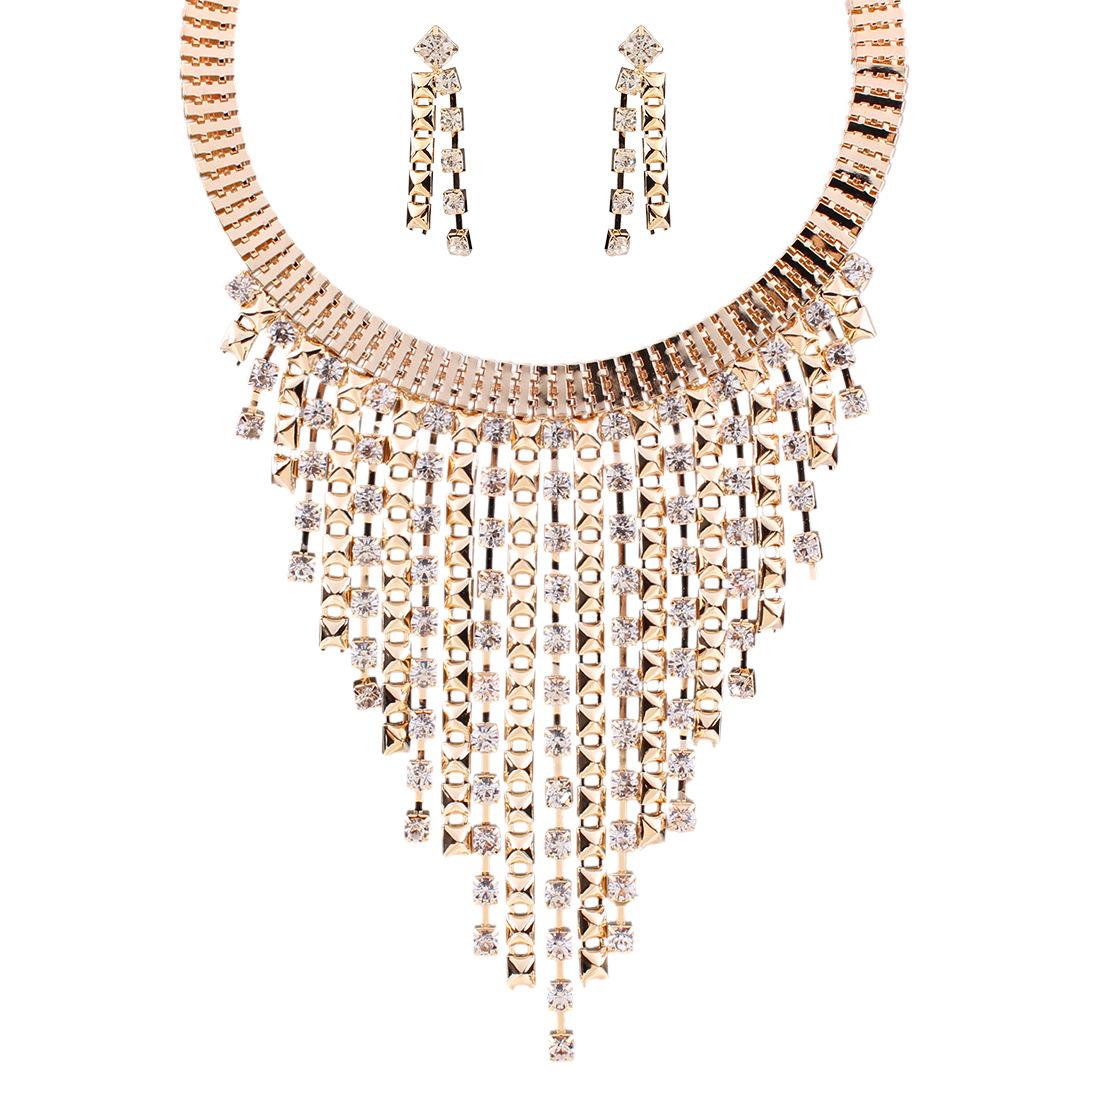 1 欧美新款高档奢华大牌时尚多层流苏镶钻项链耳环套装项圈饰品批